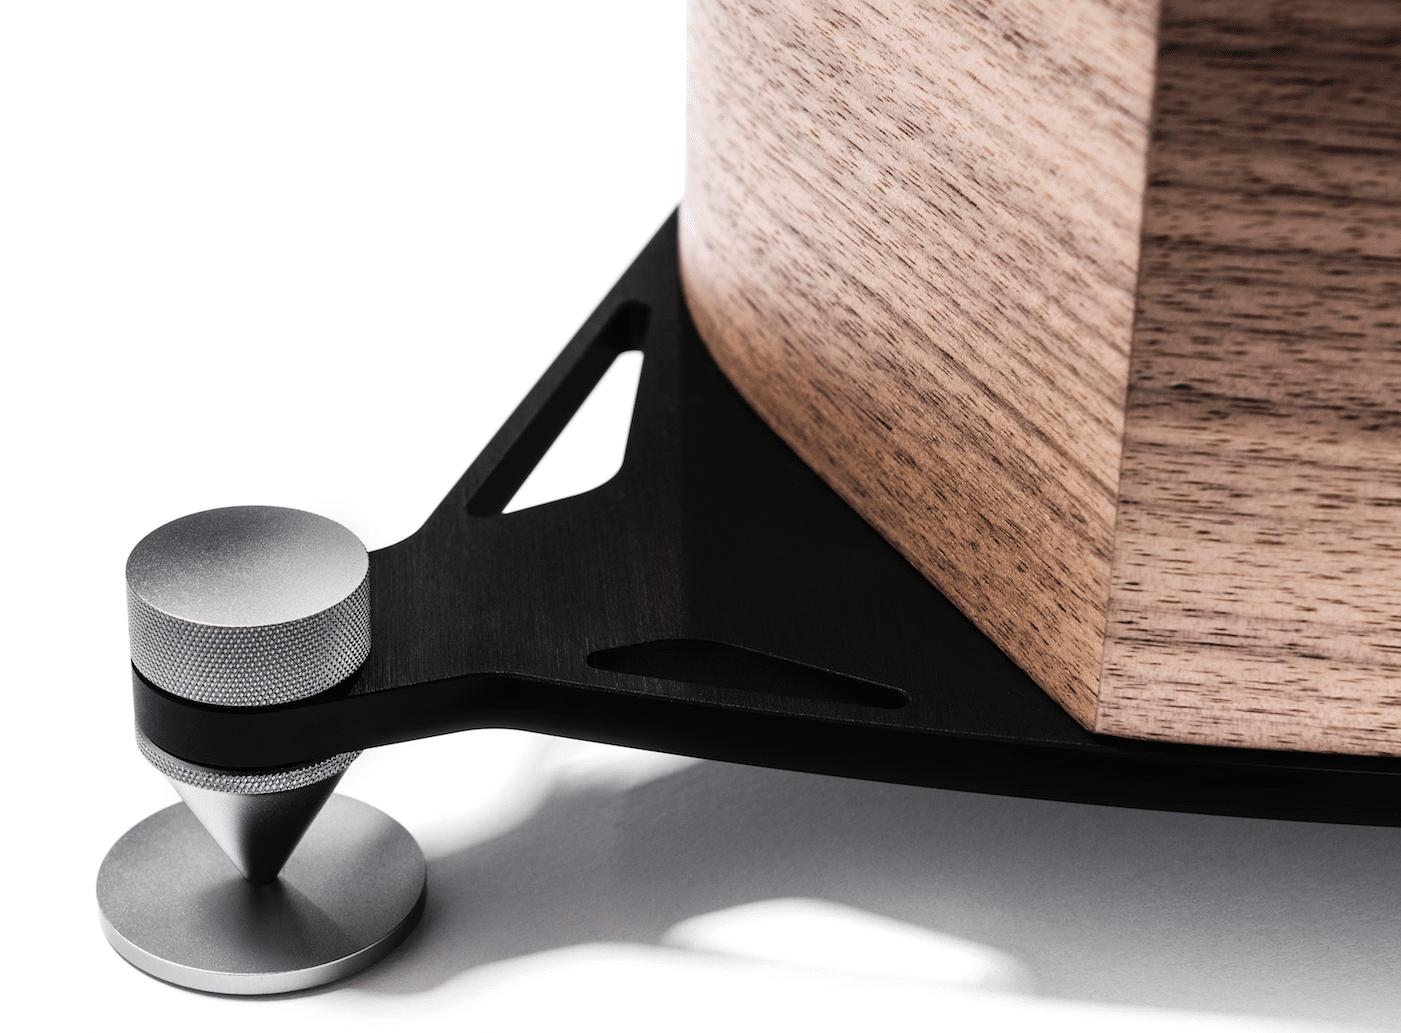 Sonetto Speakers From Sonus Faber